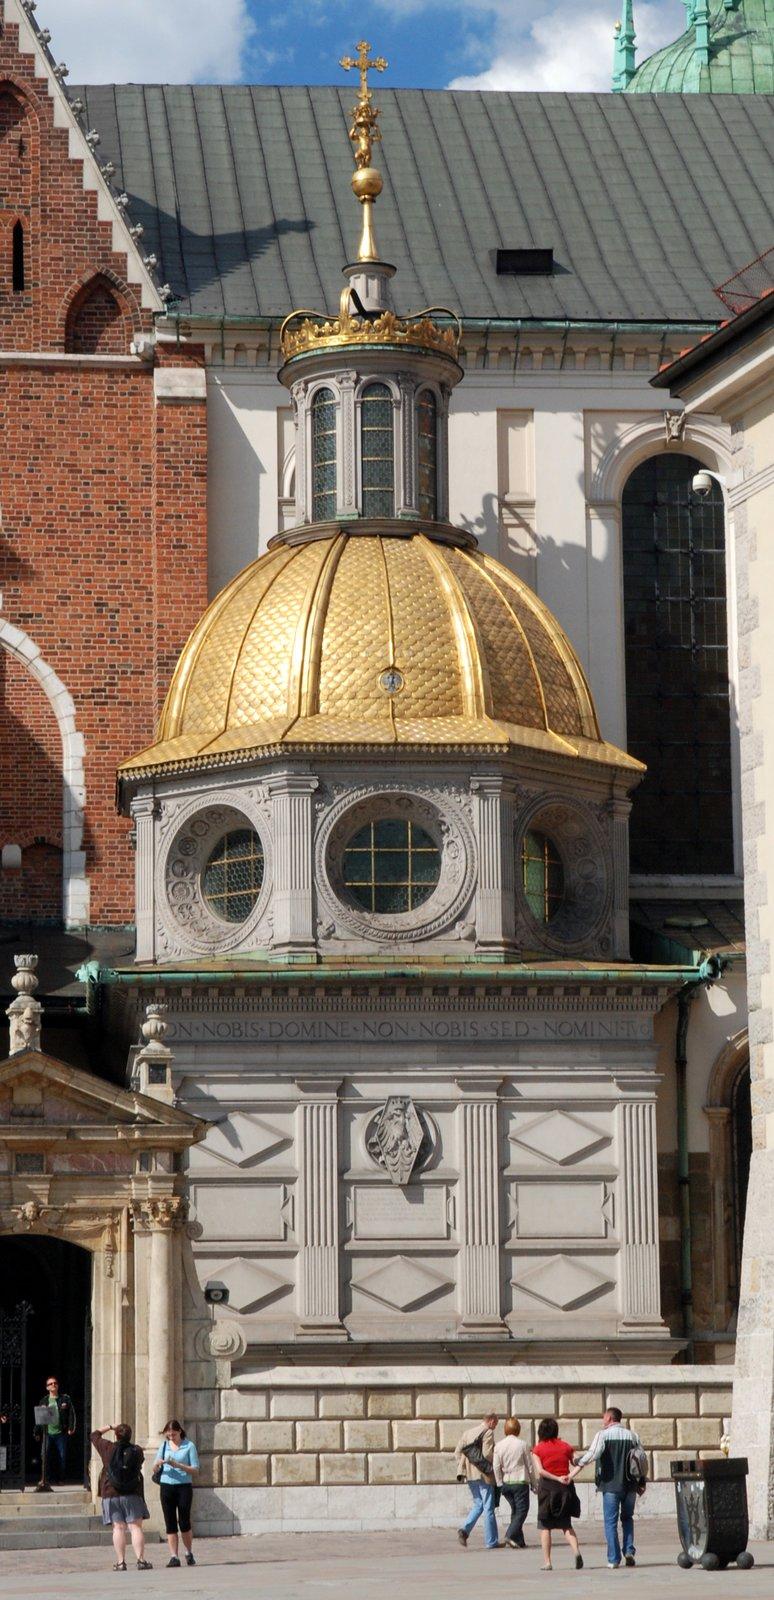 Przed wejściem do kaplicy stoją ludzie. Budynek jest zszarego kamienia, ana szczycie jest złota kopuła zwieńczona koroną ikrzyżem. Pod kopułą są okrągłe okna.